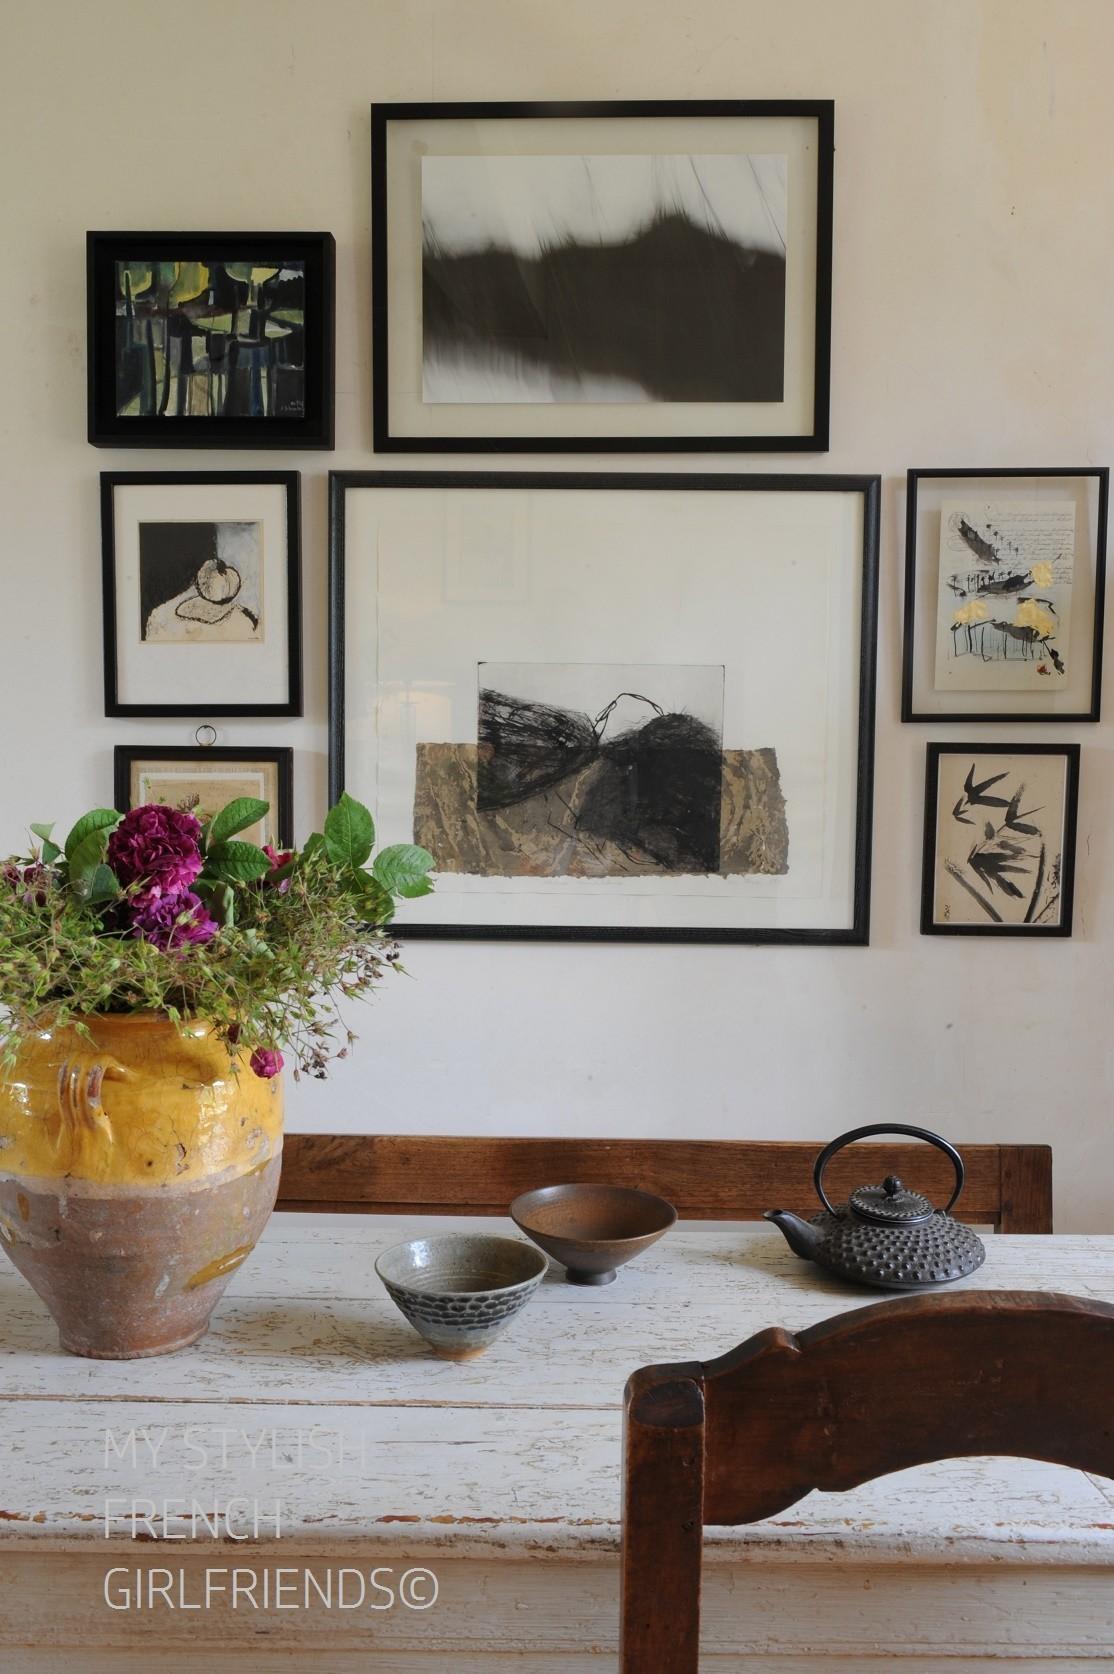 inside home with atrtwork